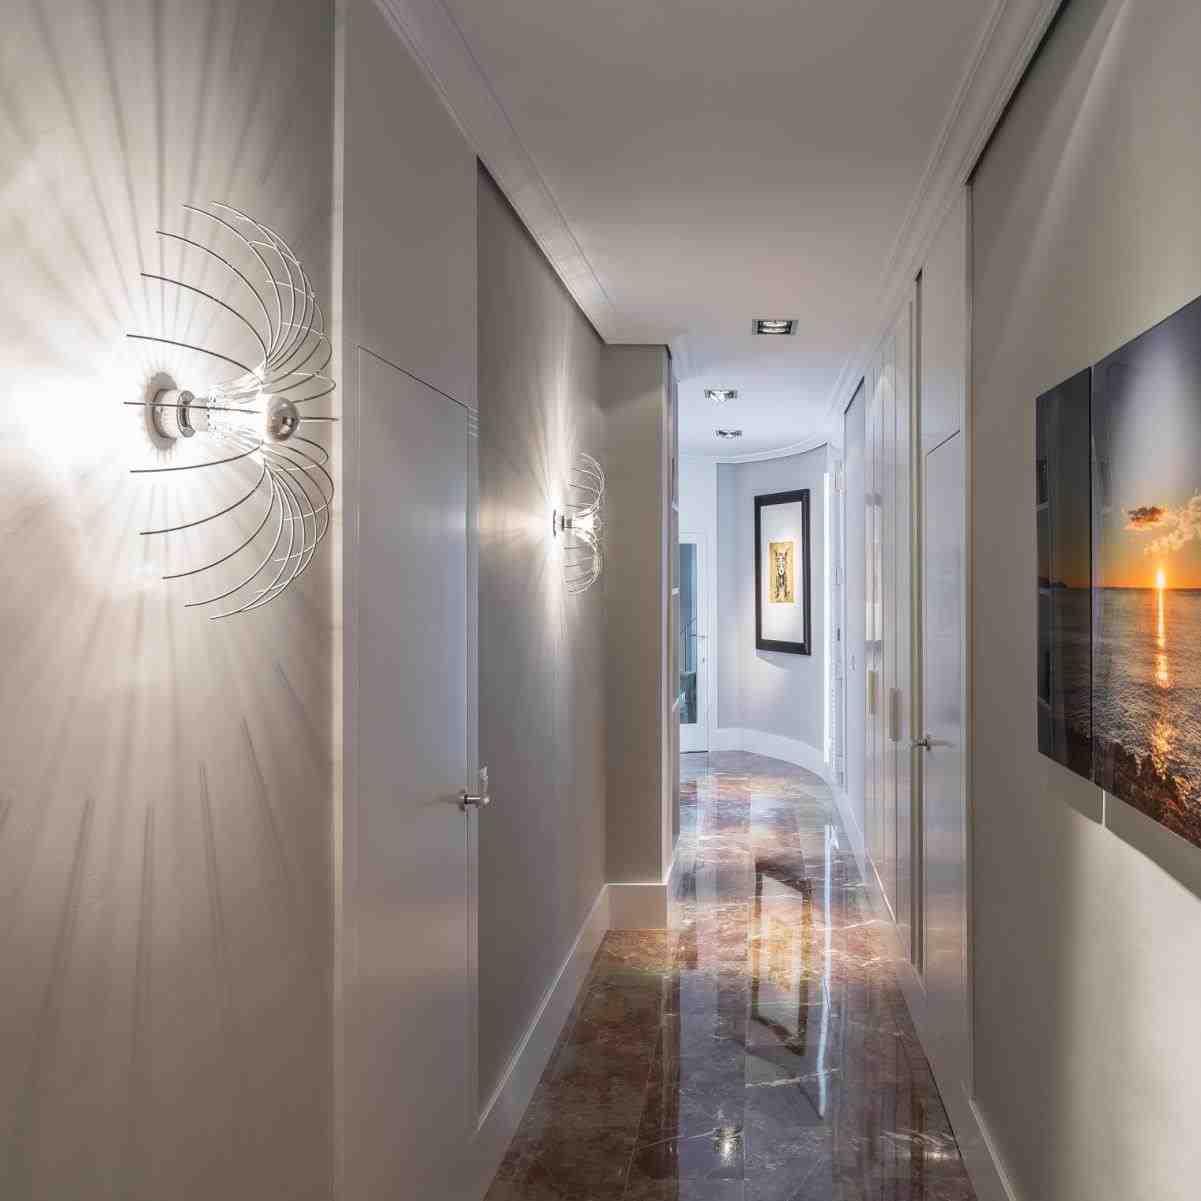 Освещение в прихожей комнате